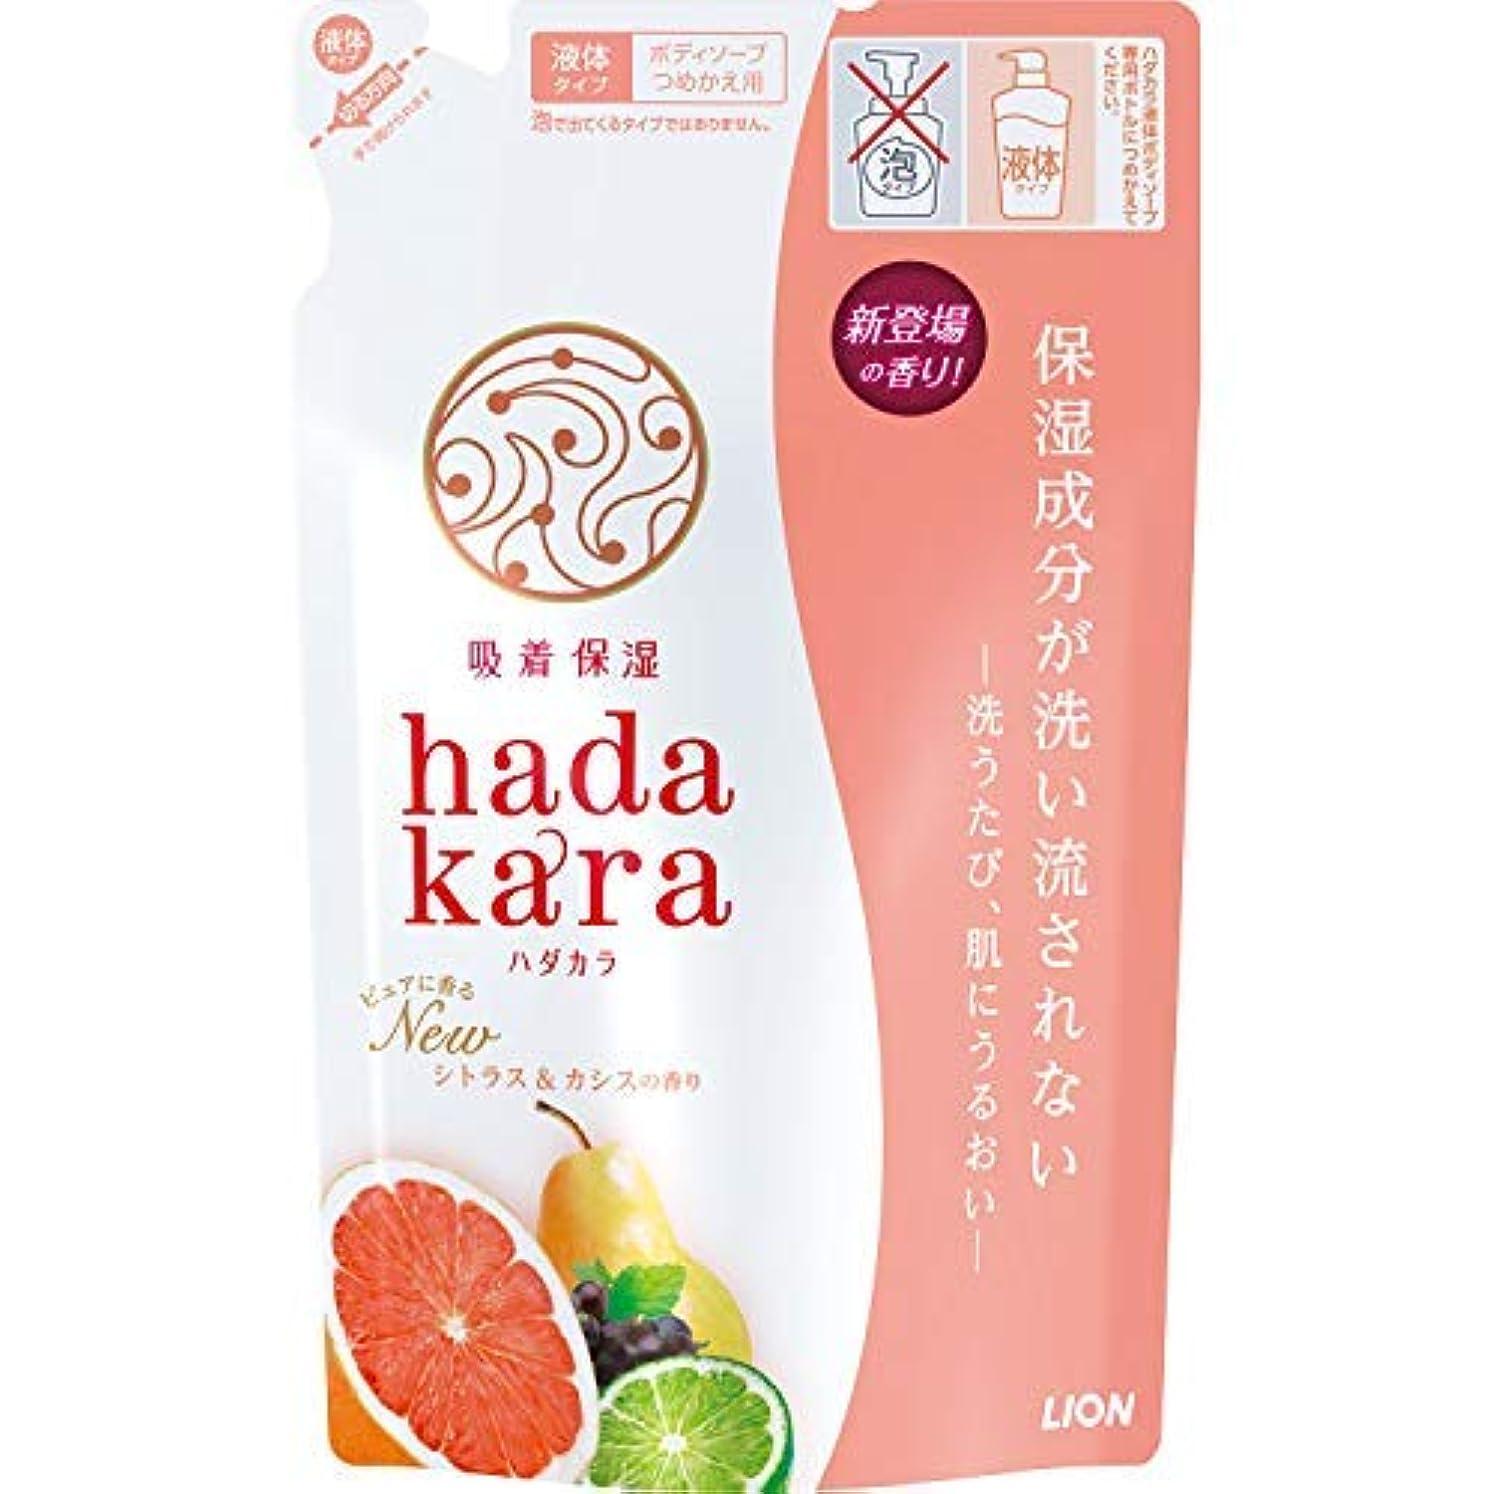 最高織るストライプhadakara(ハダカラ)ボディソープ シトラス&カシスの香り 詰替え用 360ml × 3個セット